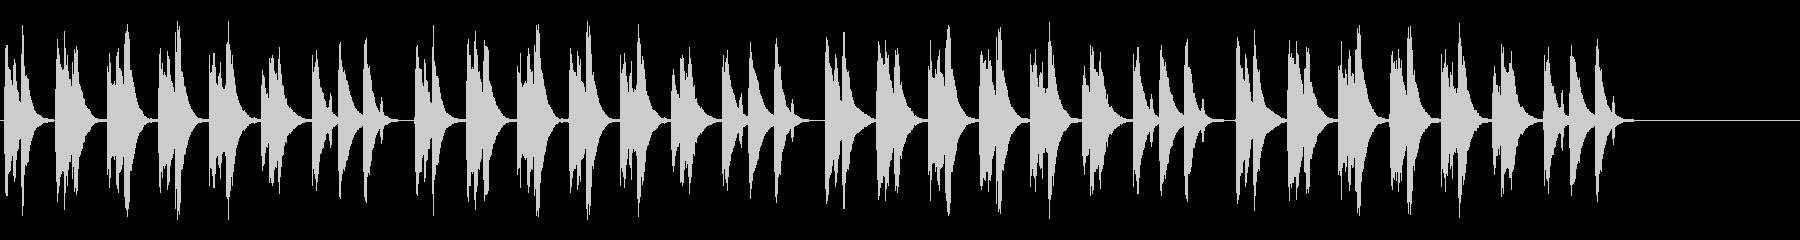 ほのぼの系の日常曲の未再生の波形